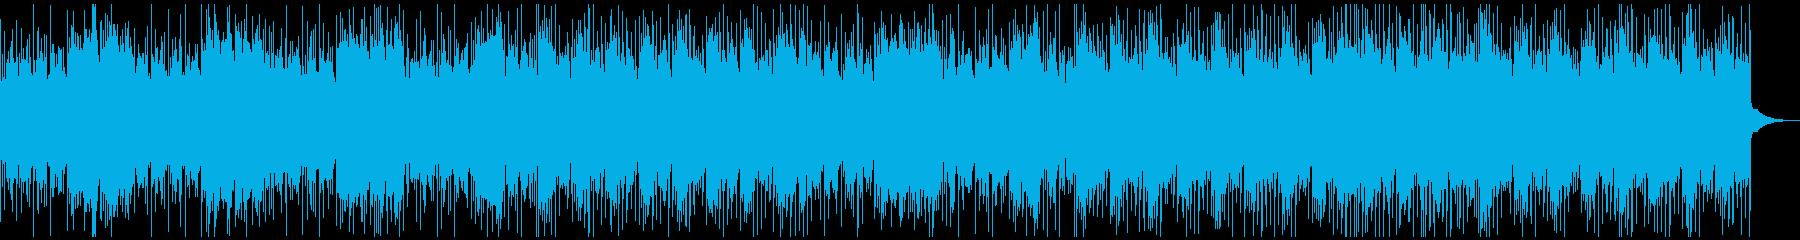 アコースティックセンチメンタル(アコギ)の再生済みの波形